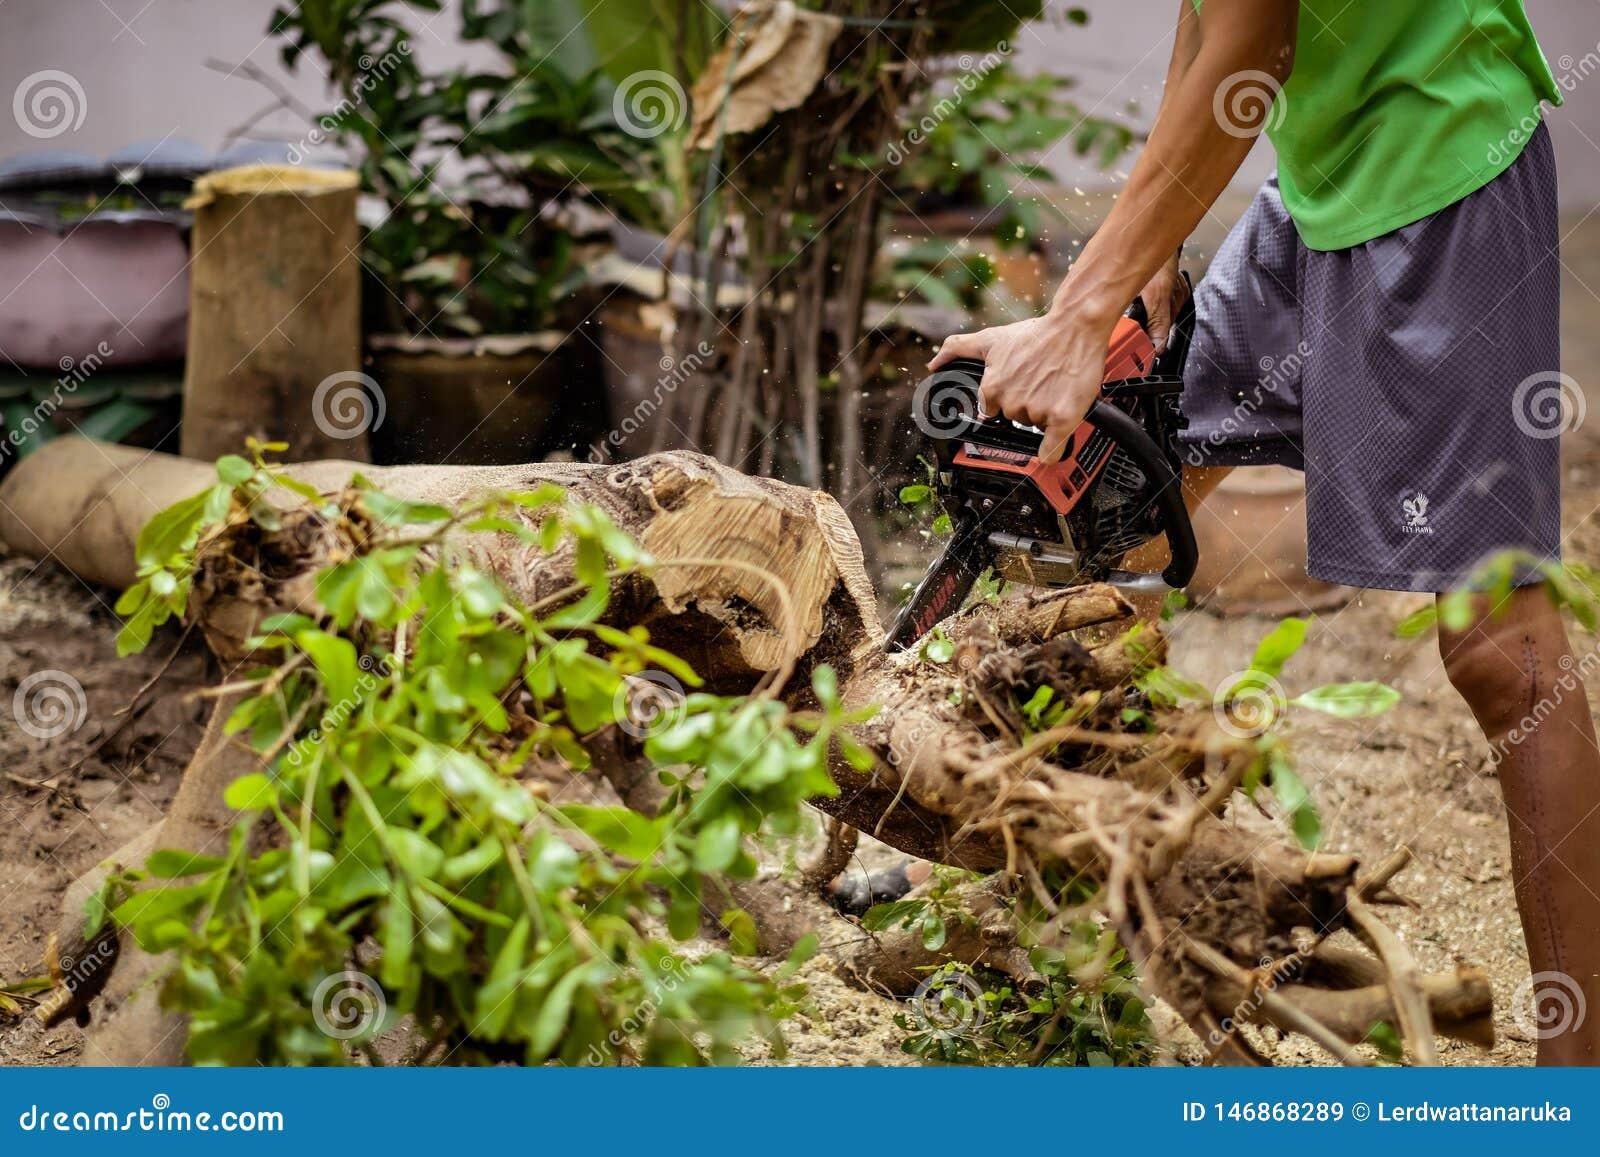 年轻人使用电锯砍树